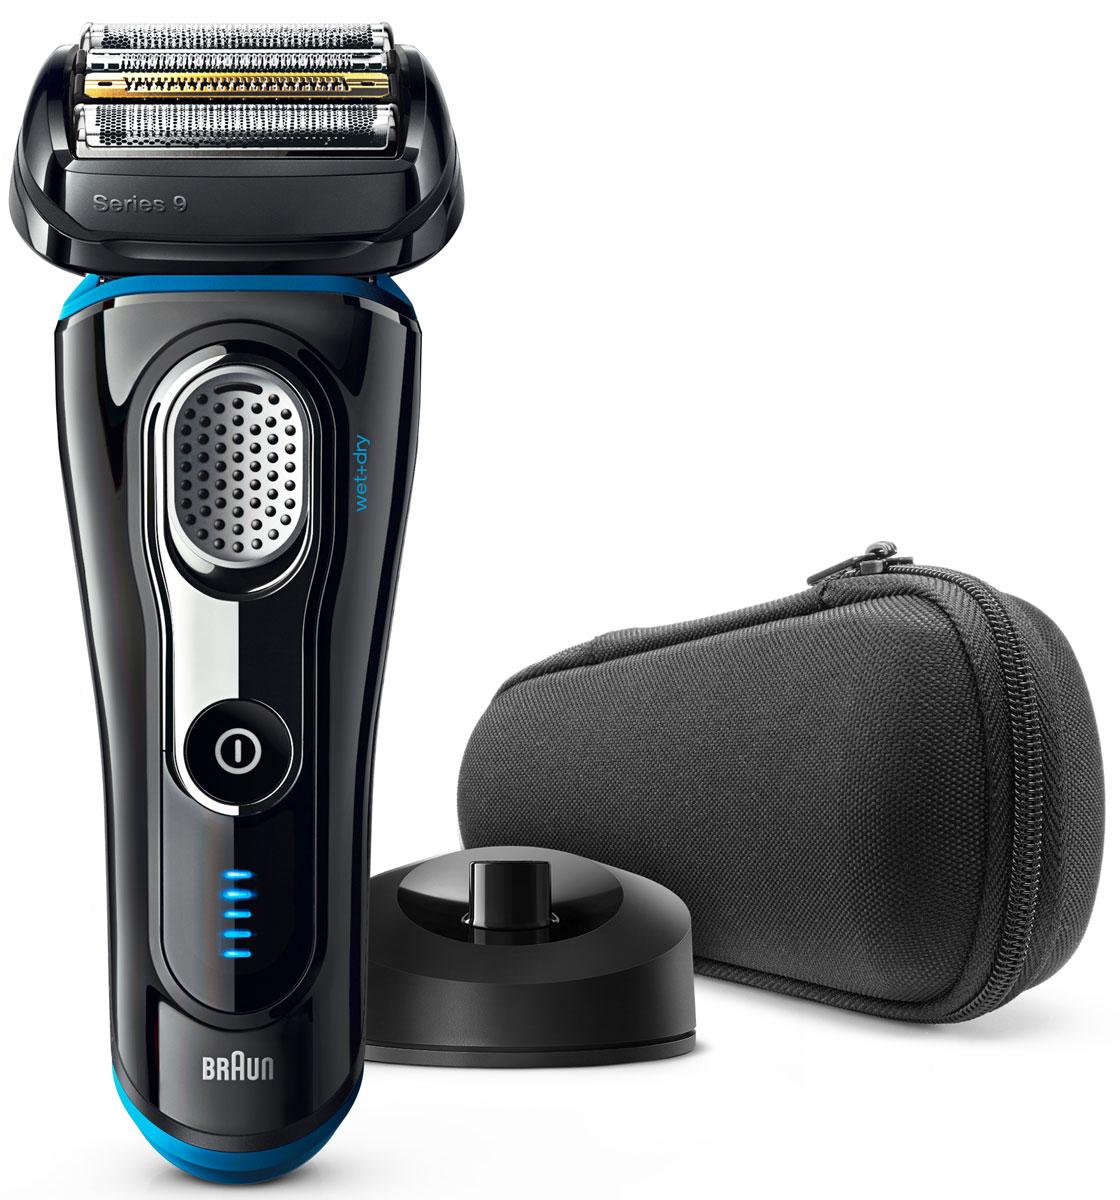 Braun Series 9 9240s Wet&Dry, Black электробритва81576496Braun Series 9 9240s Wet&Dry - одна из самых эффективных бритв в мире, а также исключительно комфортная. Специальная технология бритья позволяет захватывать больше волосков одним движением, обеспечивая гладкое и комфортное бритье без компромиссов.Преимущества:5 специальных бреющих элементов захватывают больше волосков одним движением, что позволяет уменьшить количество движений и раздражение кожиЗапатентованная технология SyncroSonic считывает и адаптируется к особенностям щетины 160 раз в секунду, повышая мощность там, где это необходимоВ комплект входит зарядная станция, которая заряжает аккумулятор и отлично дополняет интерьер ванной комнаты